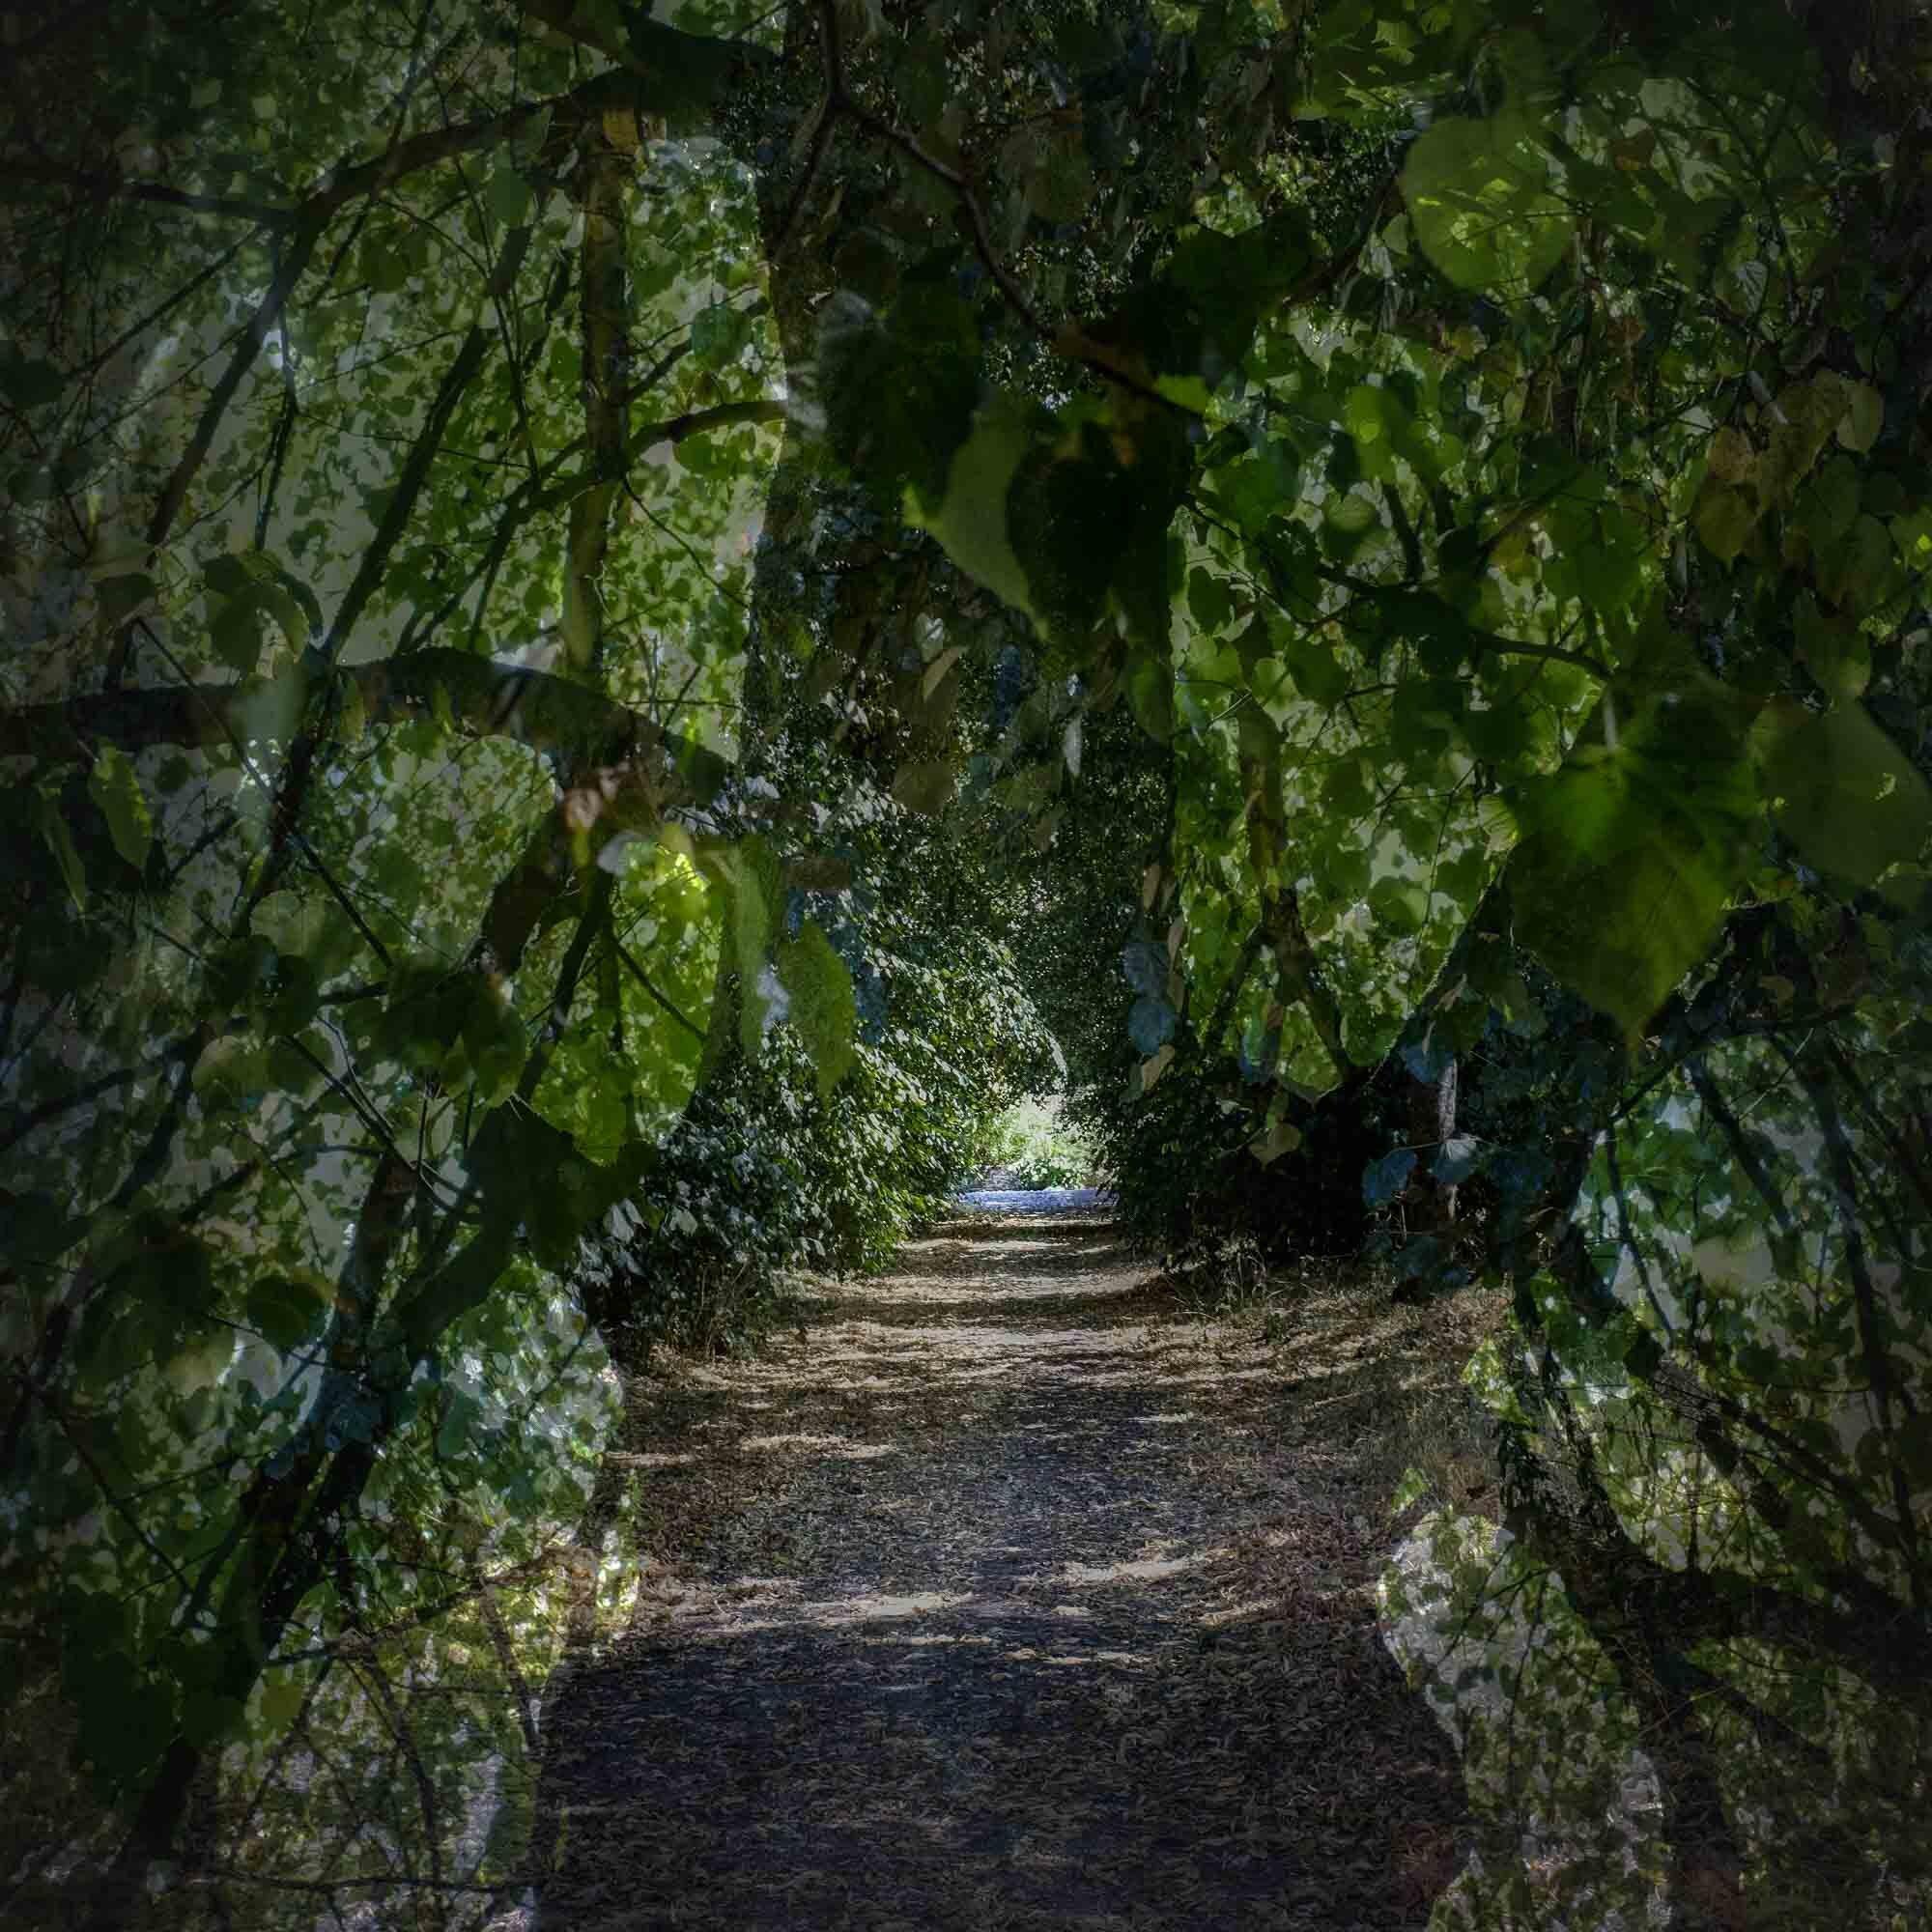 The path_.jpg